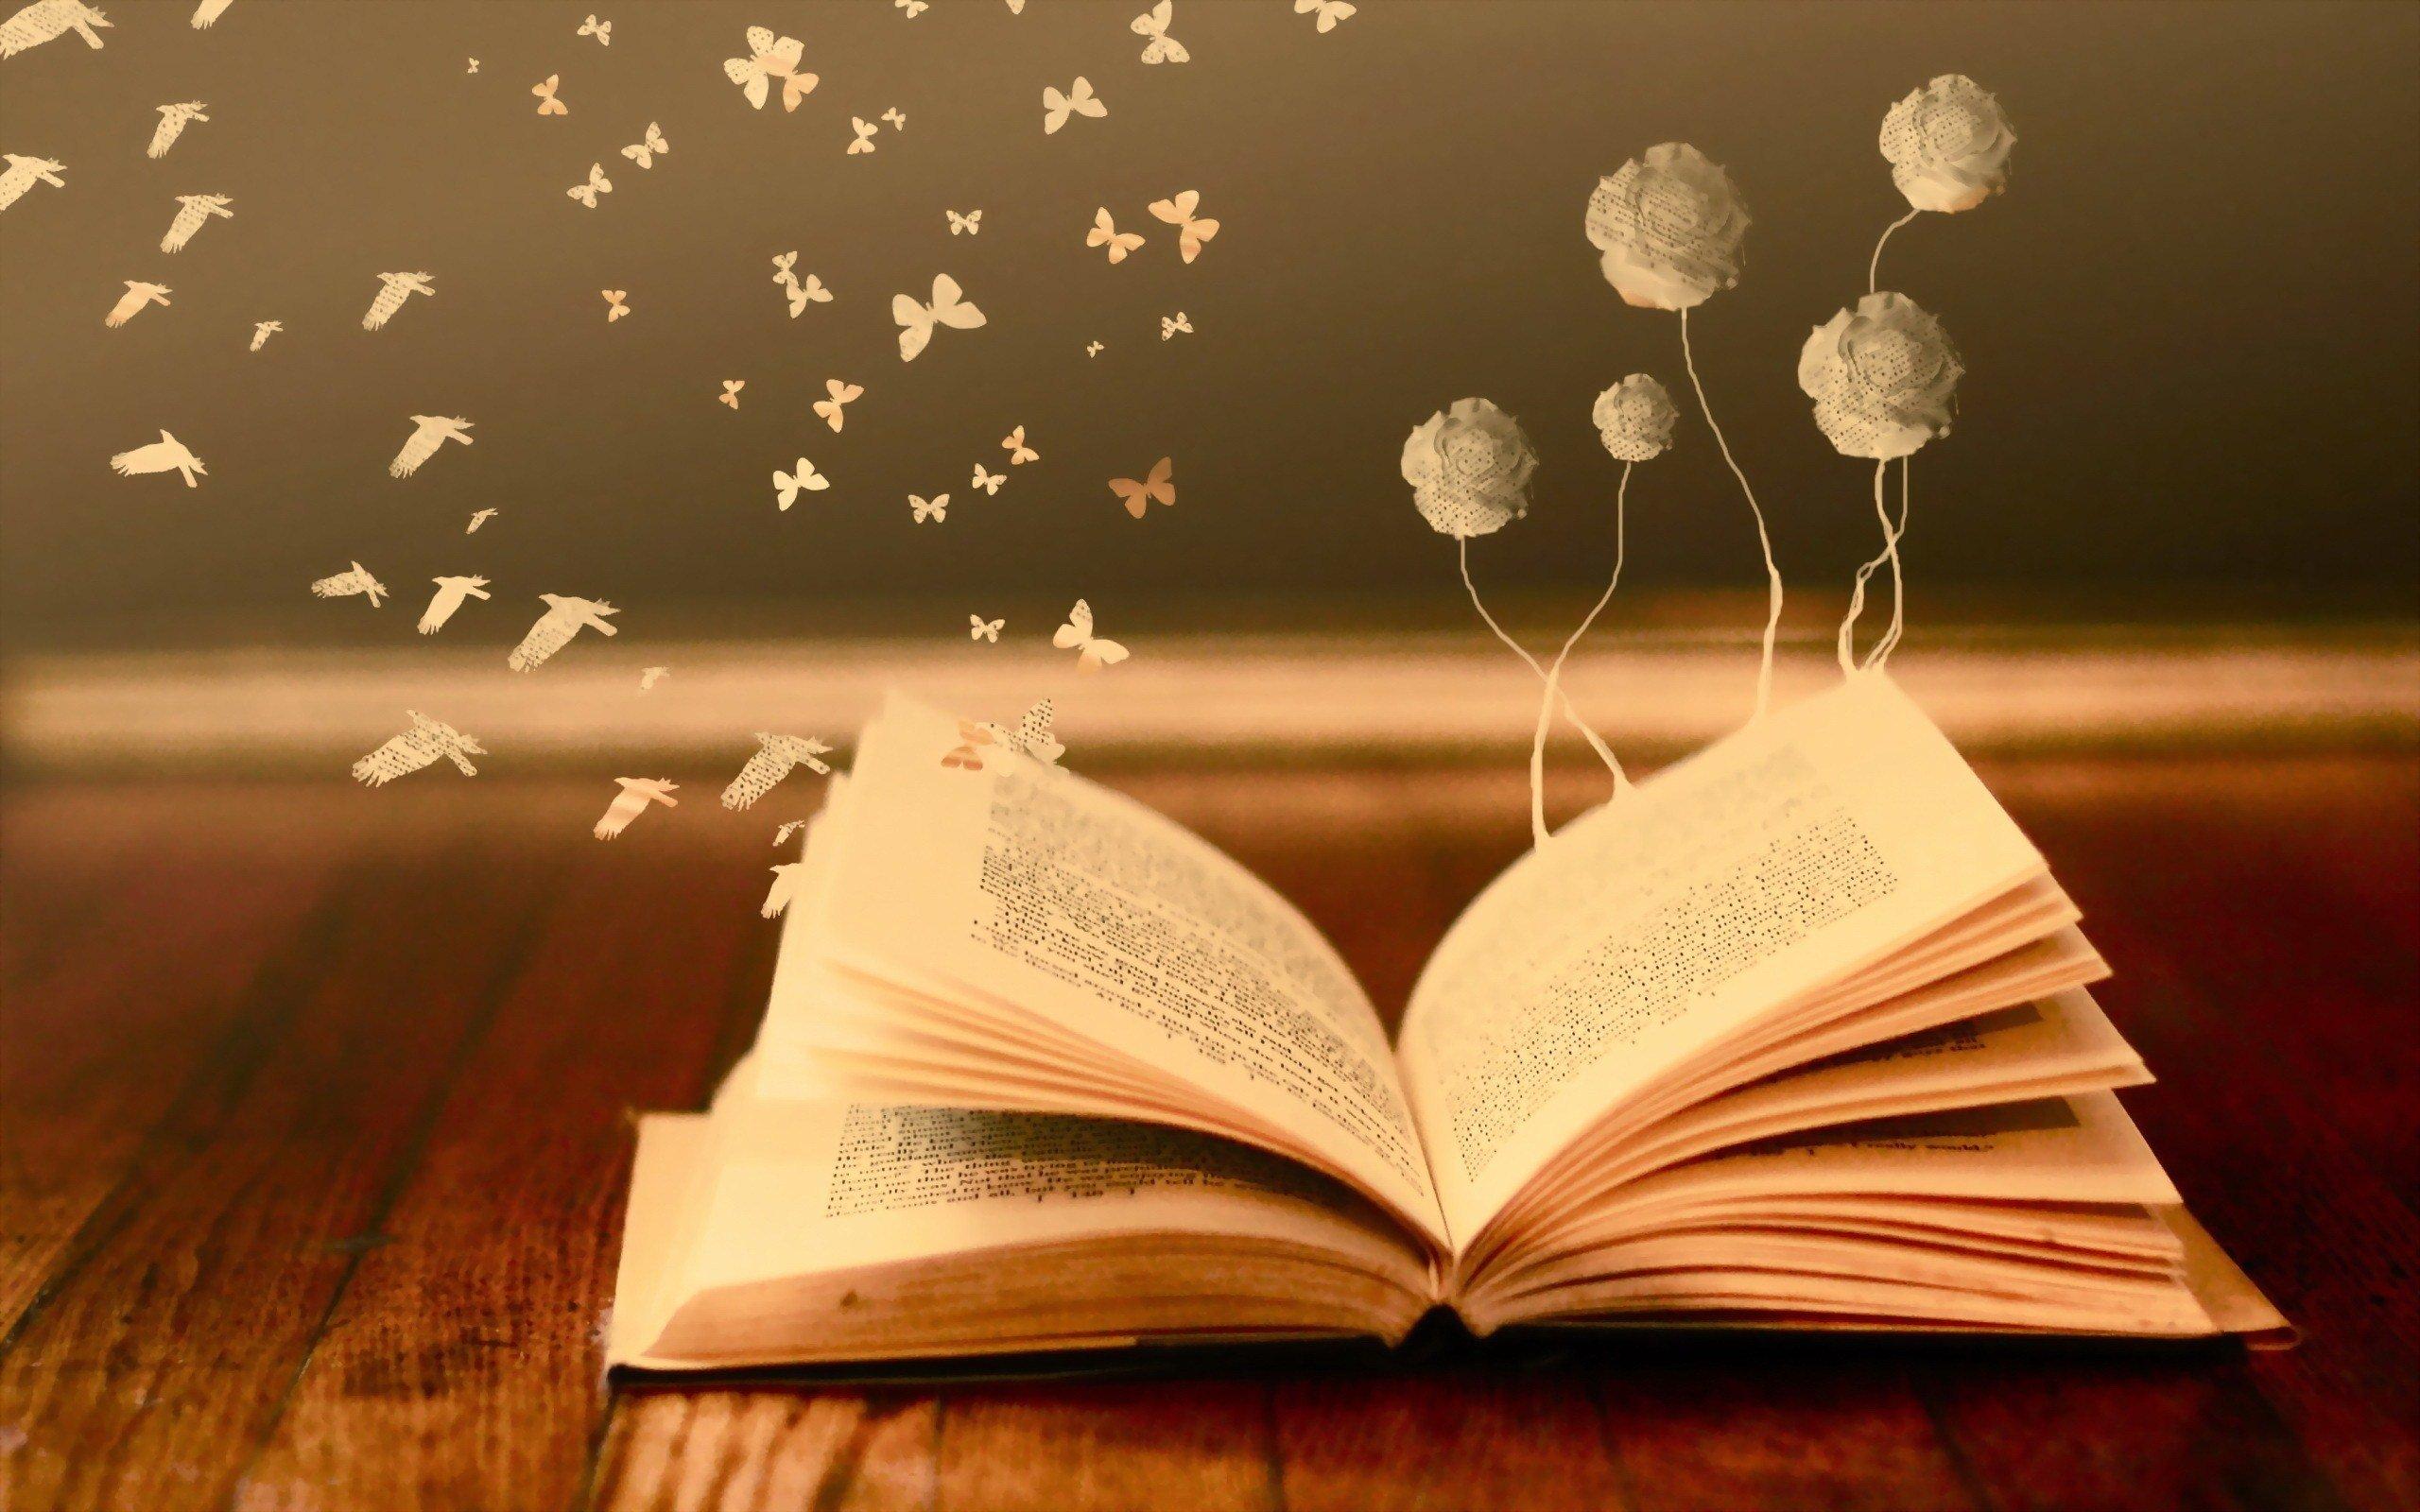 Pazarlama hakkında kitaplar okuyarak zamanınızı ve paranızı yatırın.